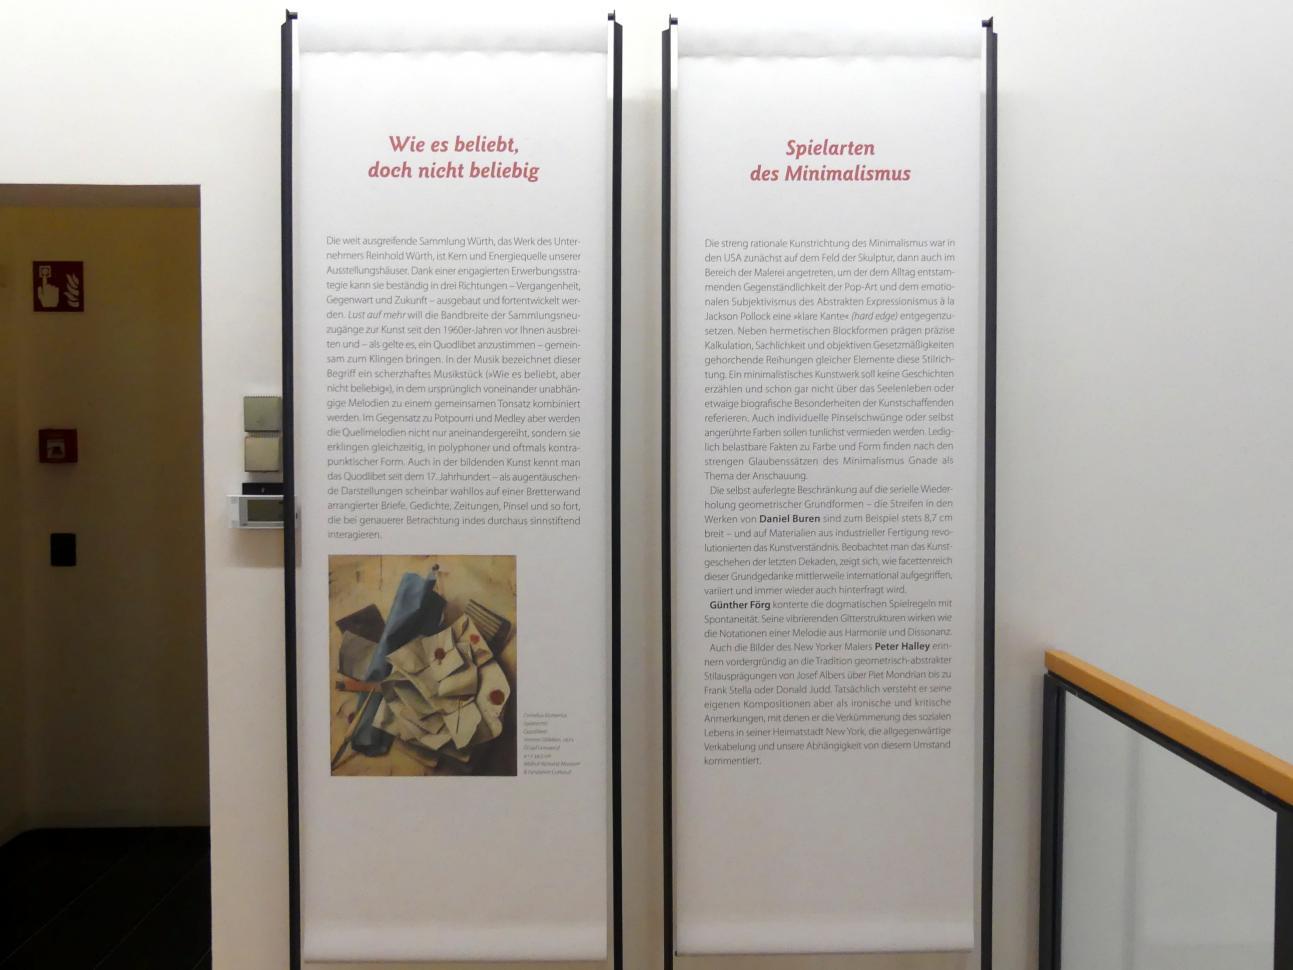 """Schwäbisch Hall, Kunsthalle Würth, Ausstellung """"Lust auf mehr"""" vom 30.9.2019 - 20.9.2020, Obergeschoss, Bild 5/11"""